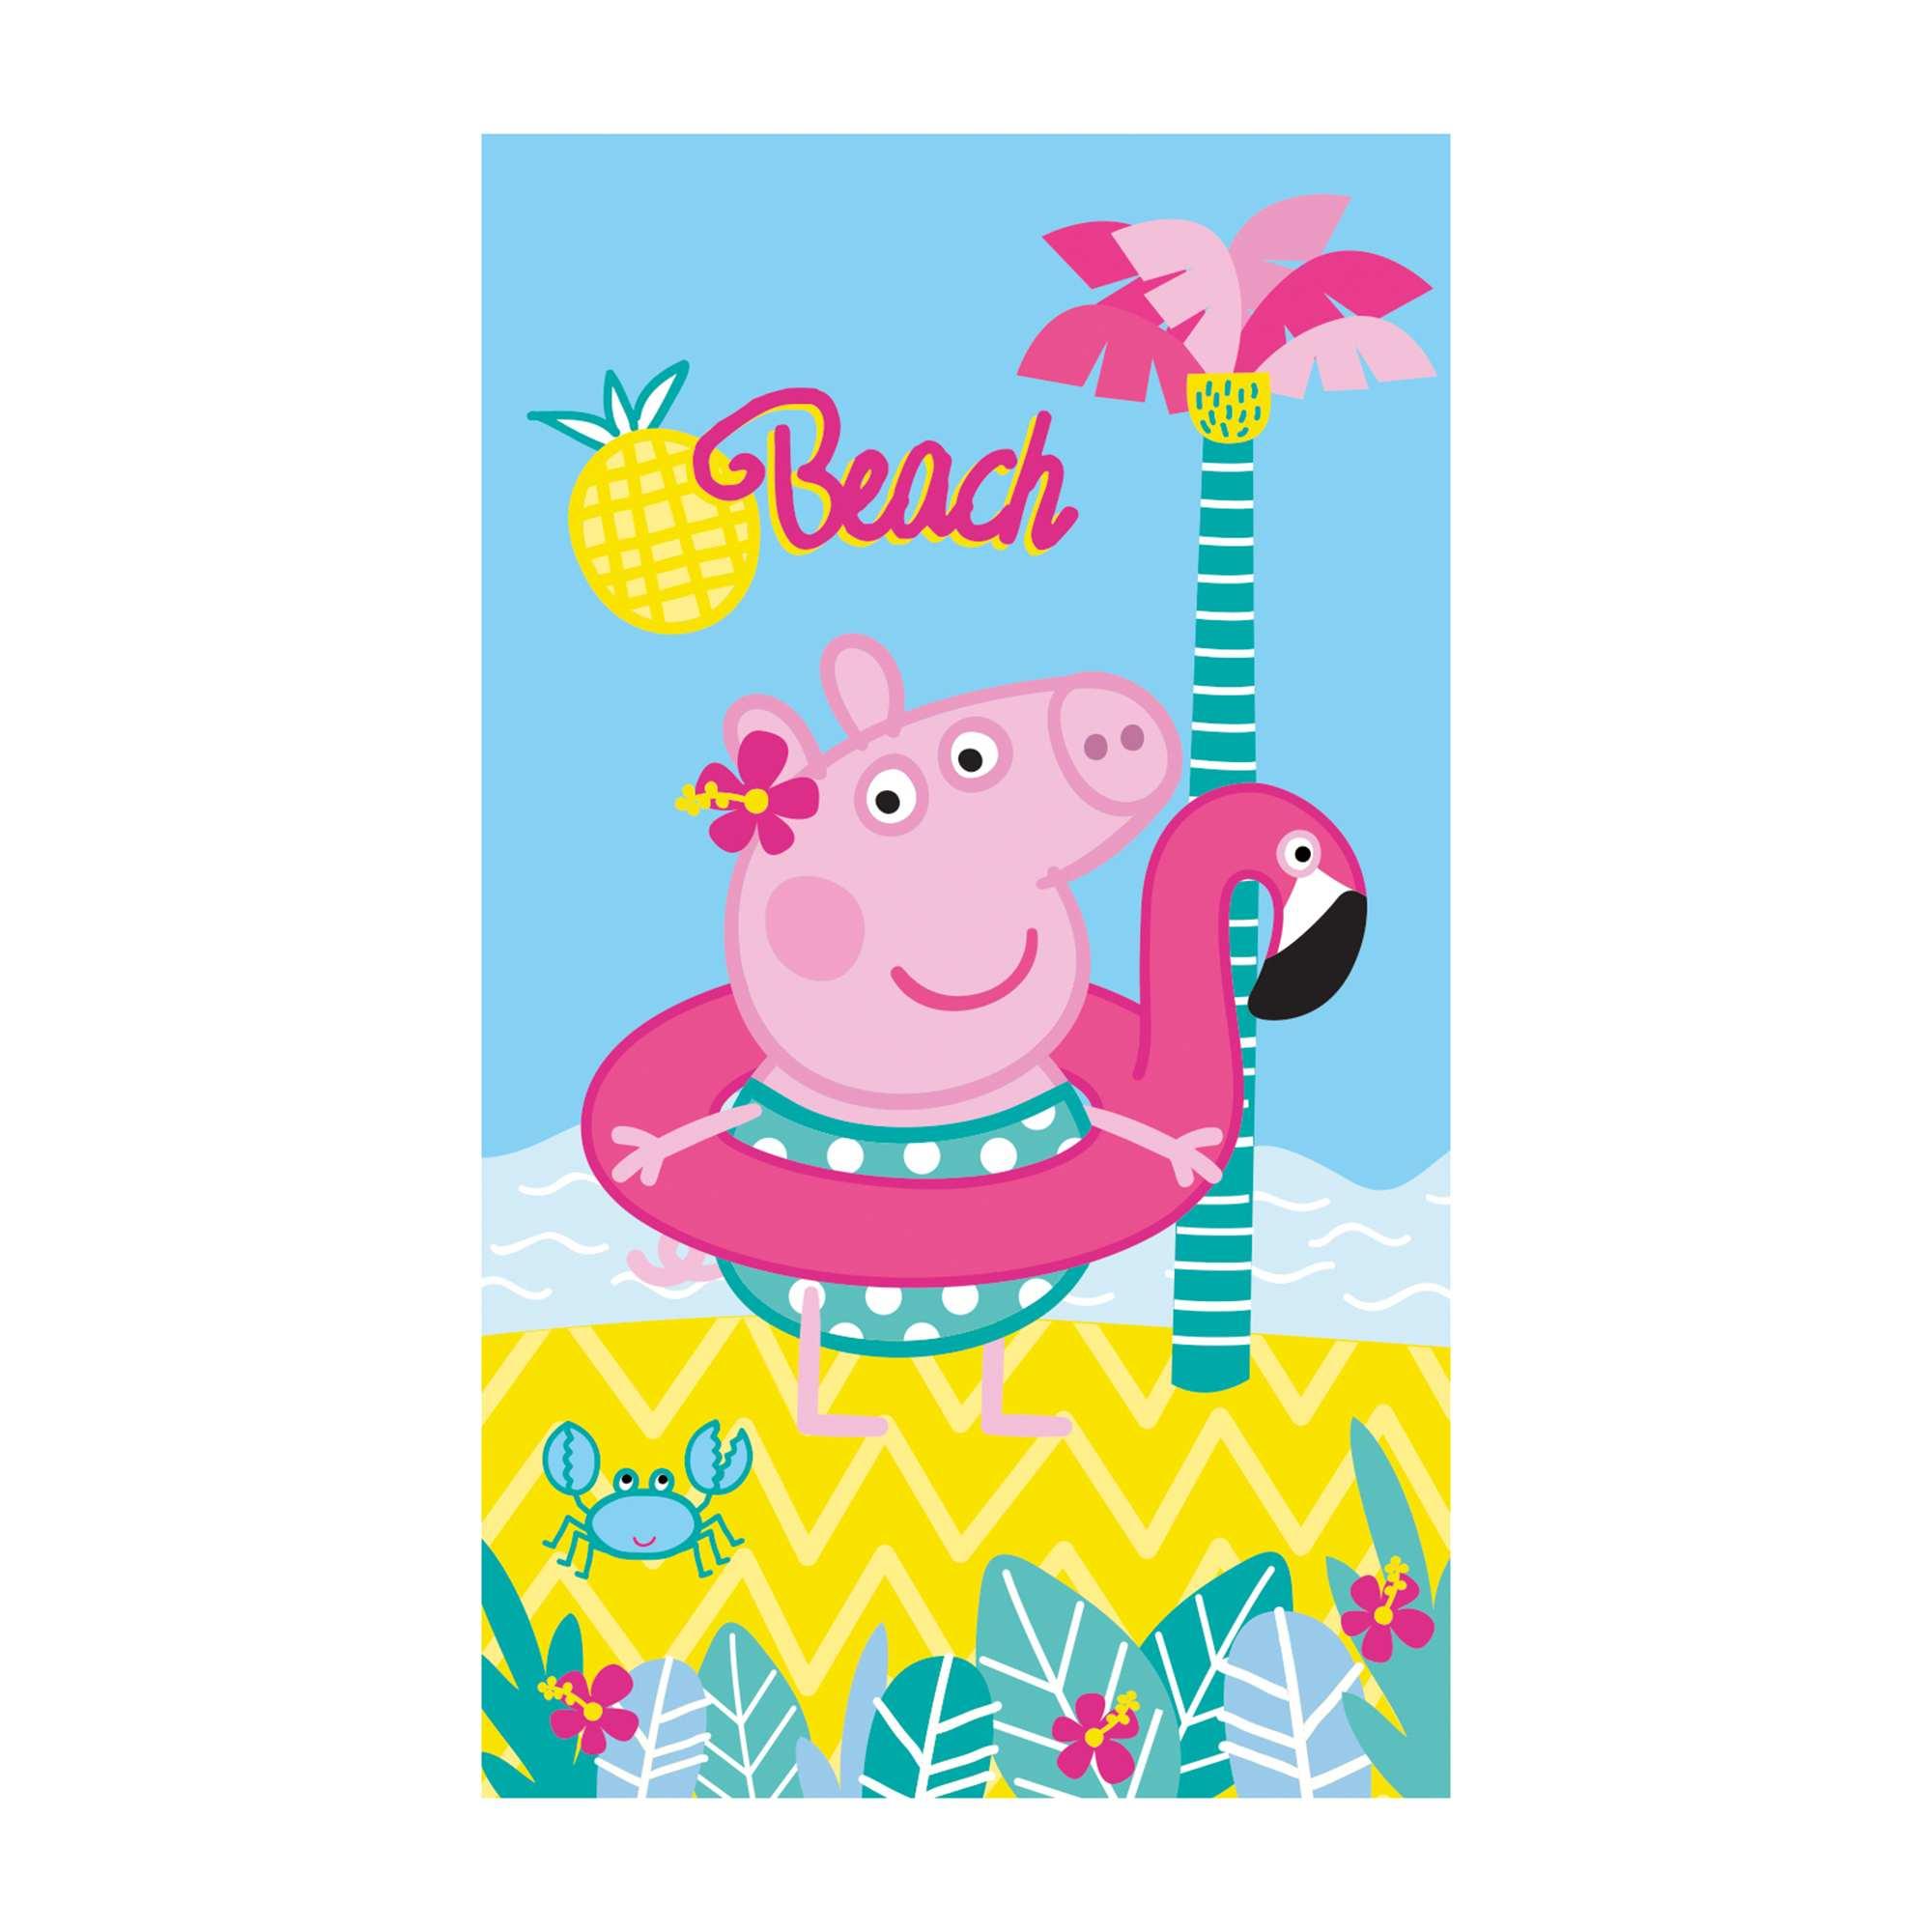 drap de plage 39 peppa pig 39 fille rose bleu kiabi 13 00. Black Bedroom Furniture Sets. Home Design Ideas